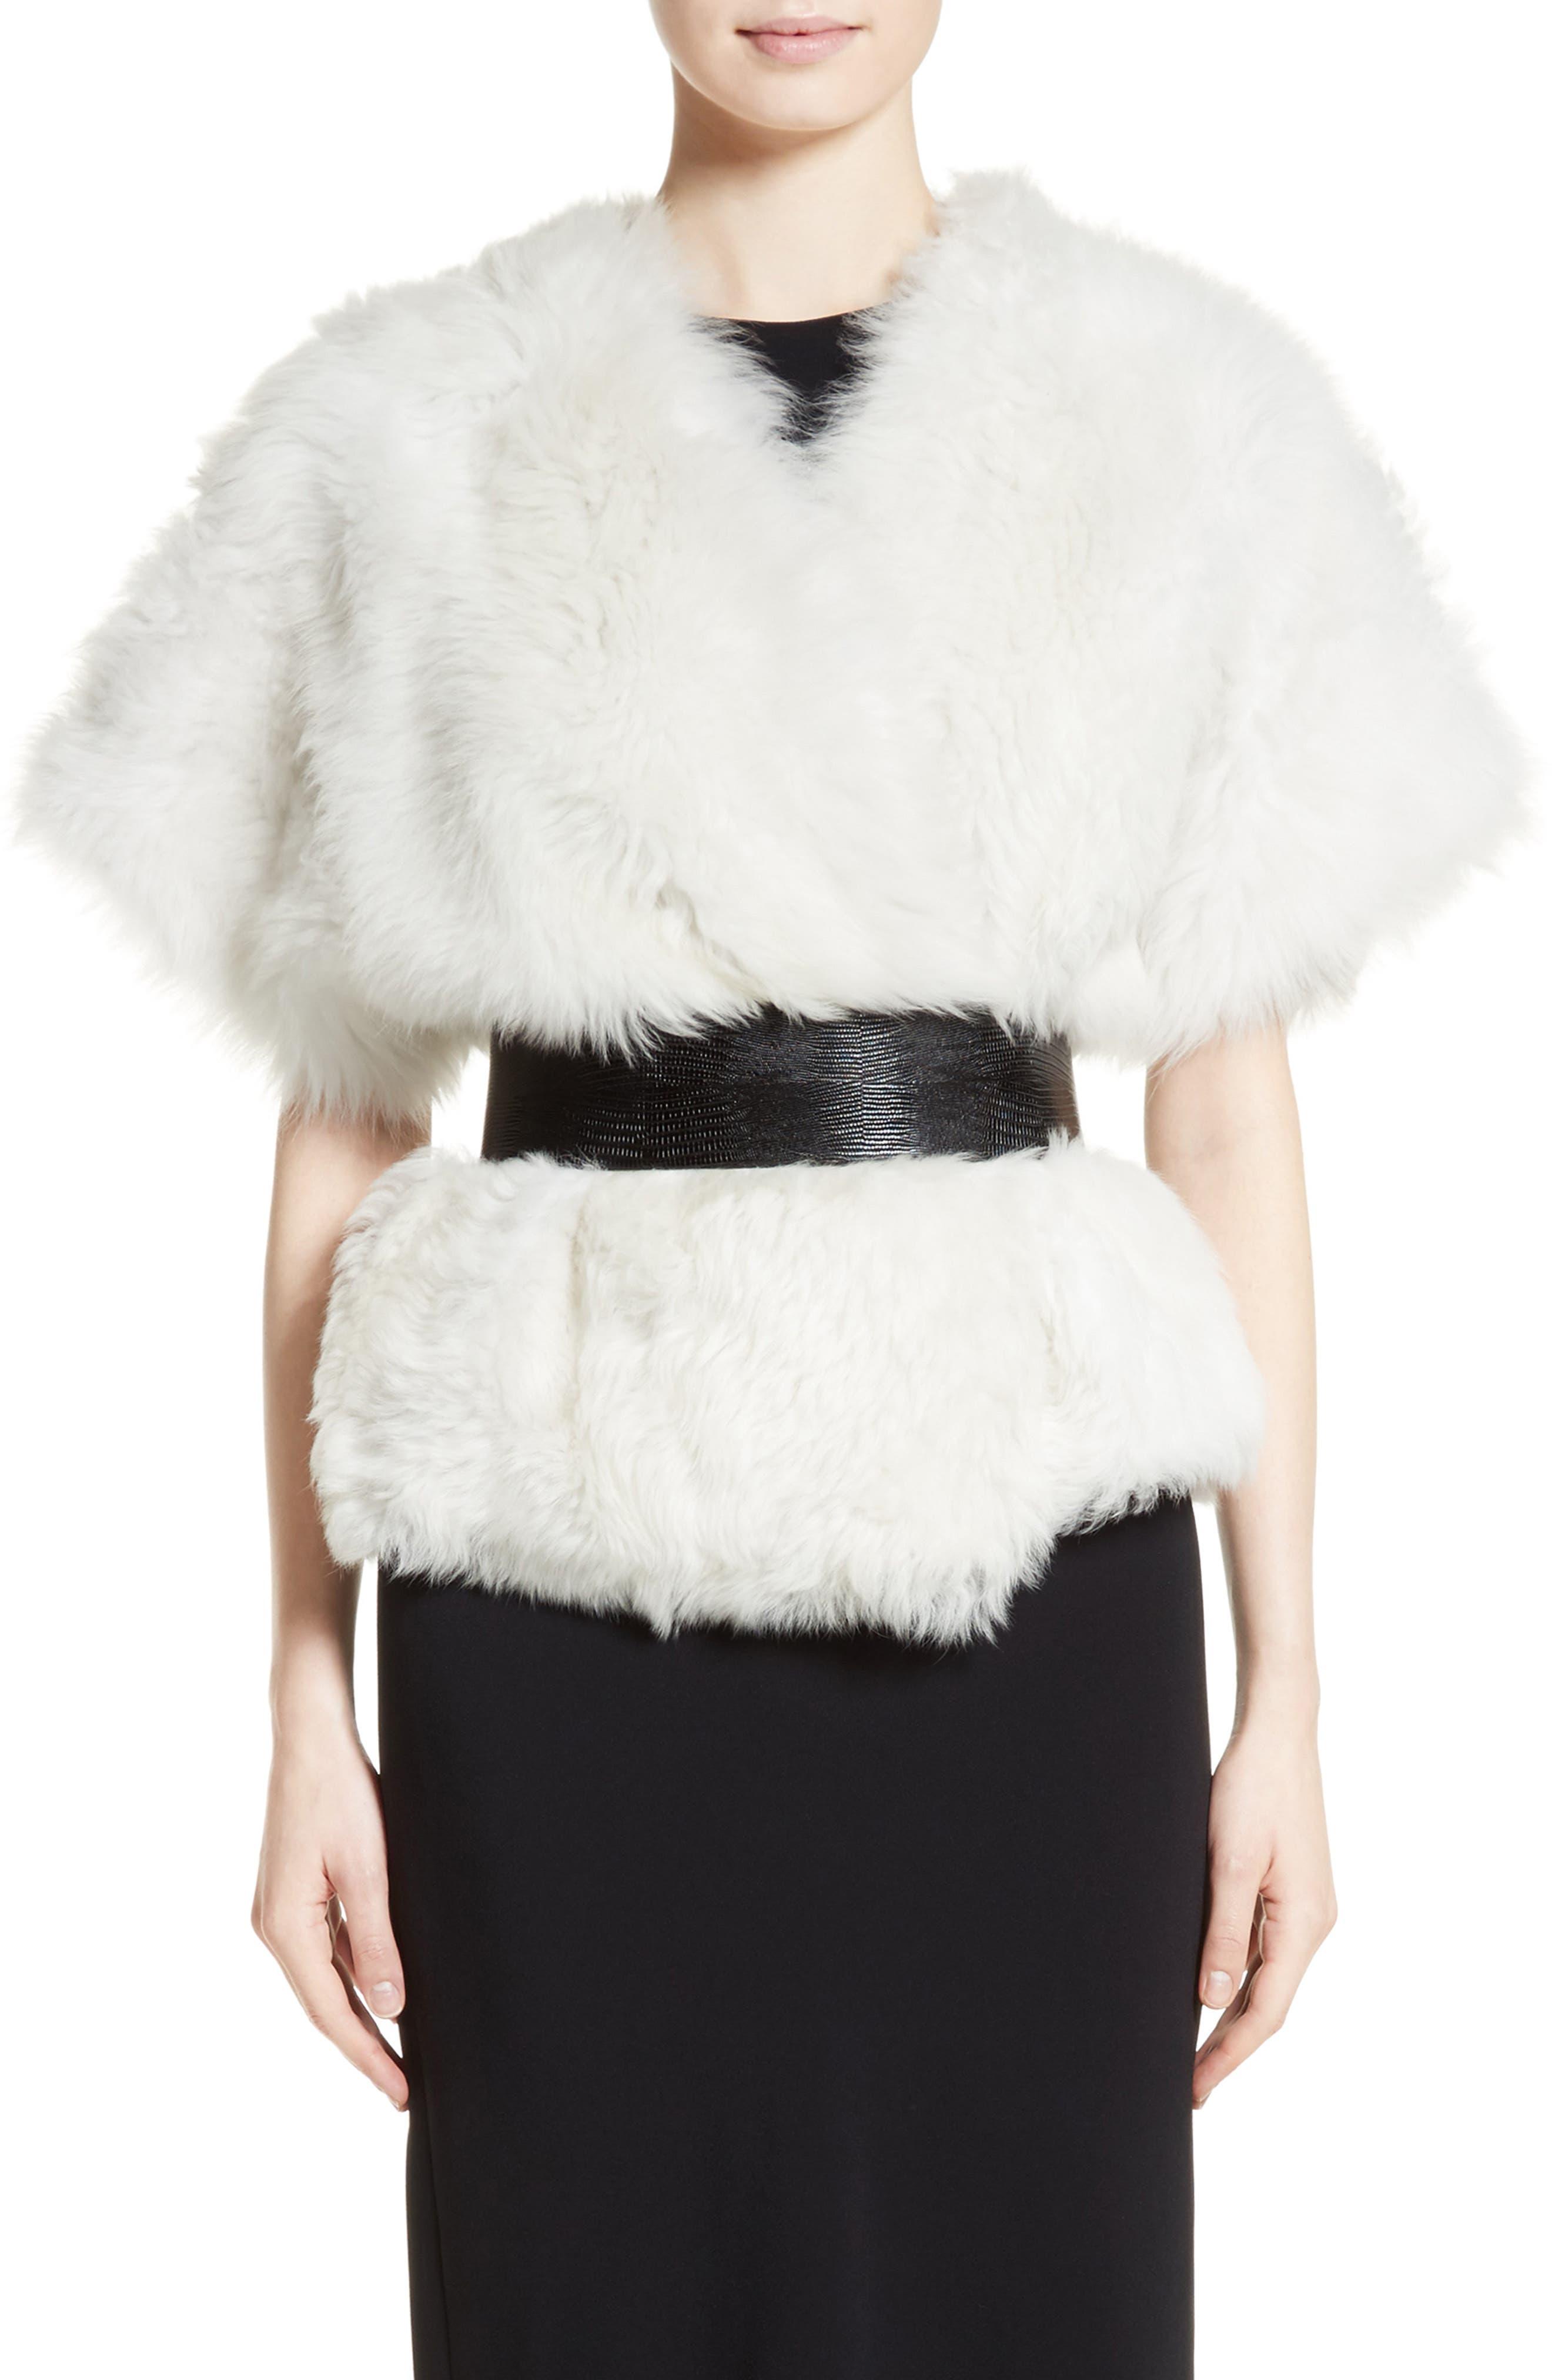 Max Mara Fiorigi Genuine Lamb Fur Bolero